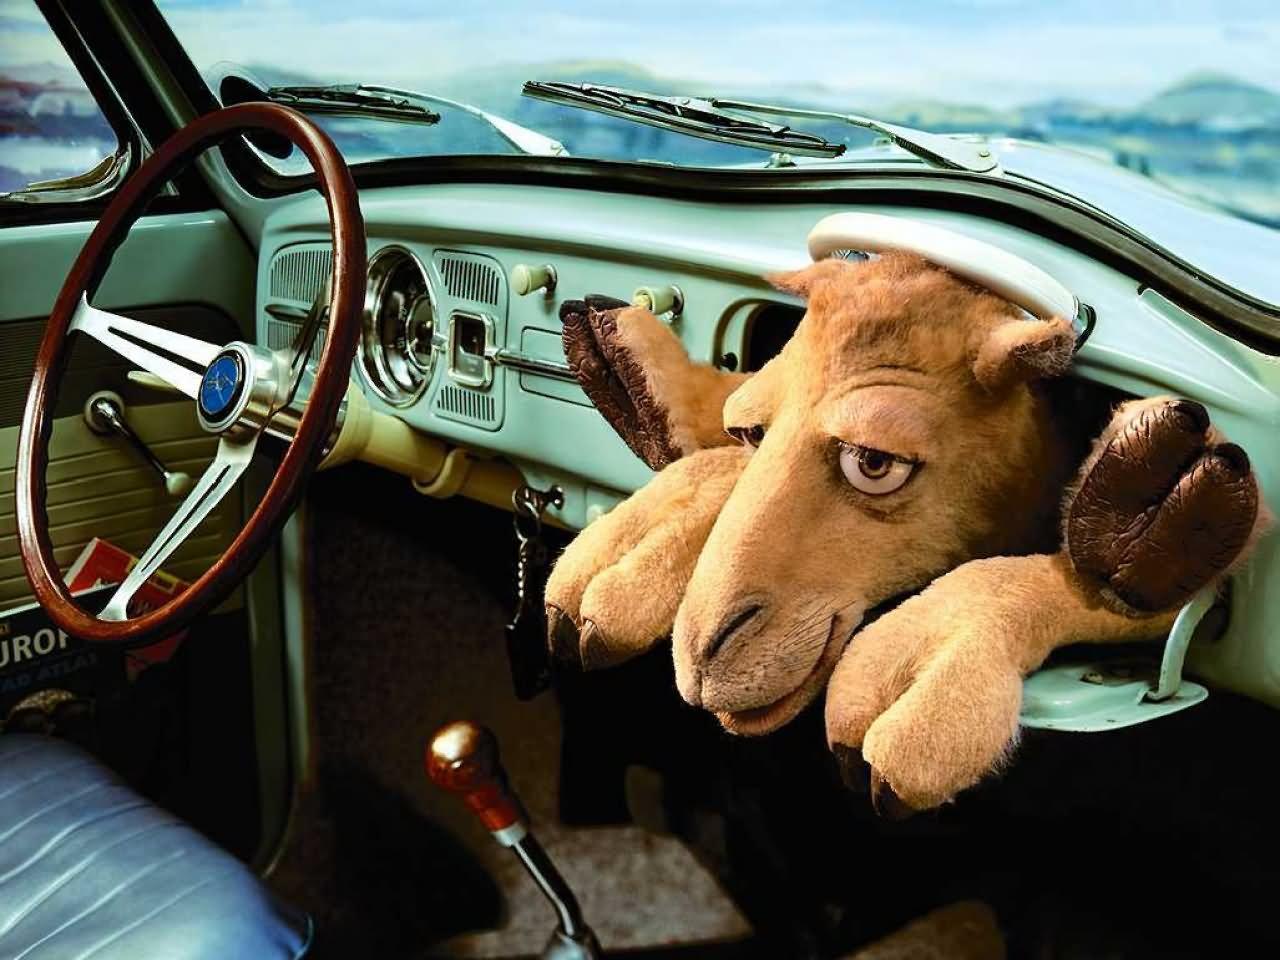 Funny Camel In Car